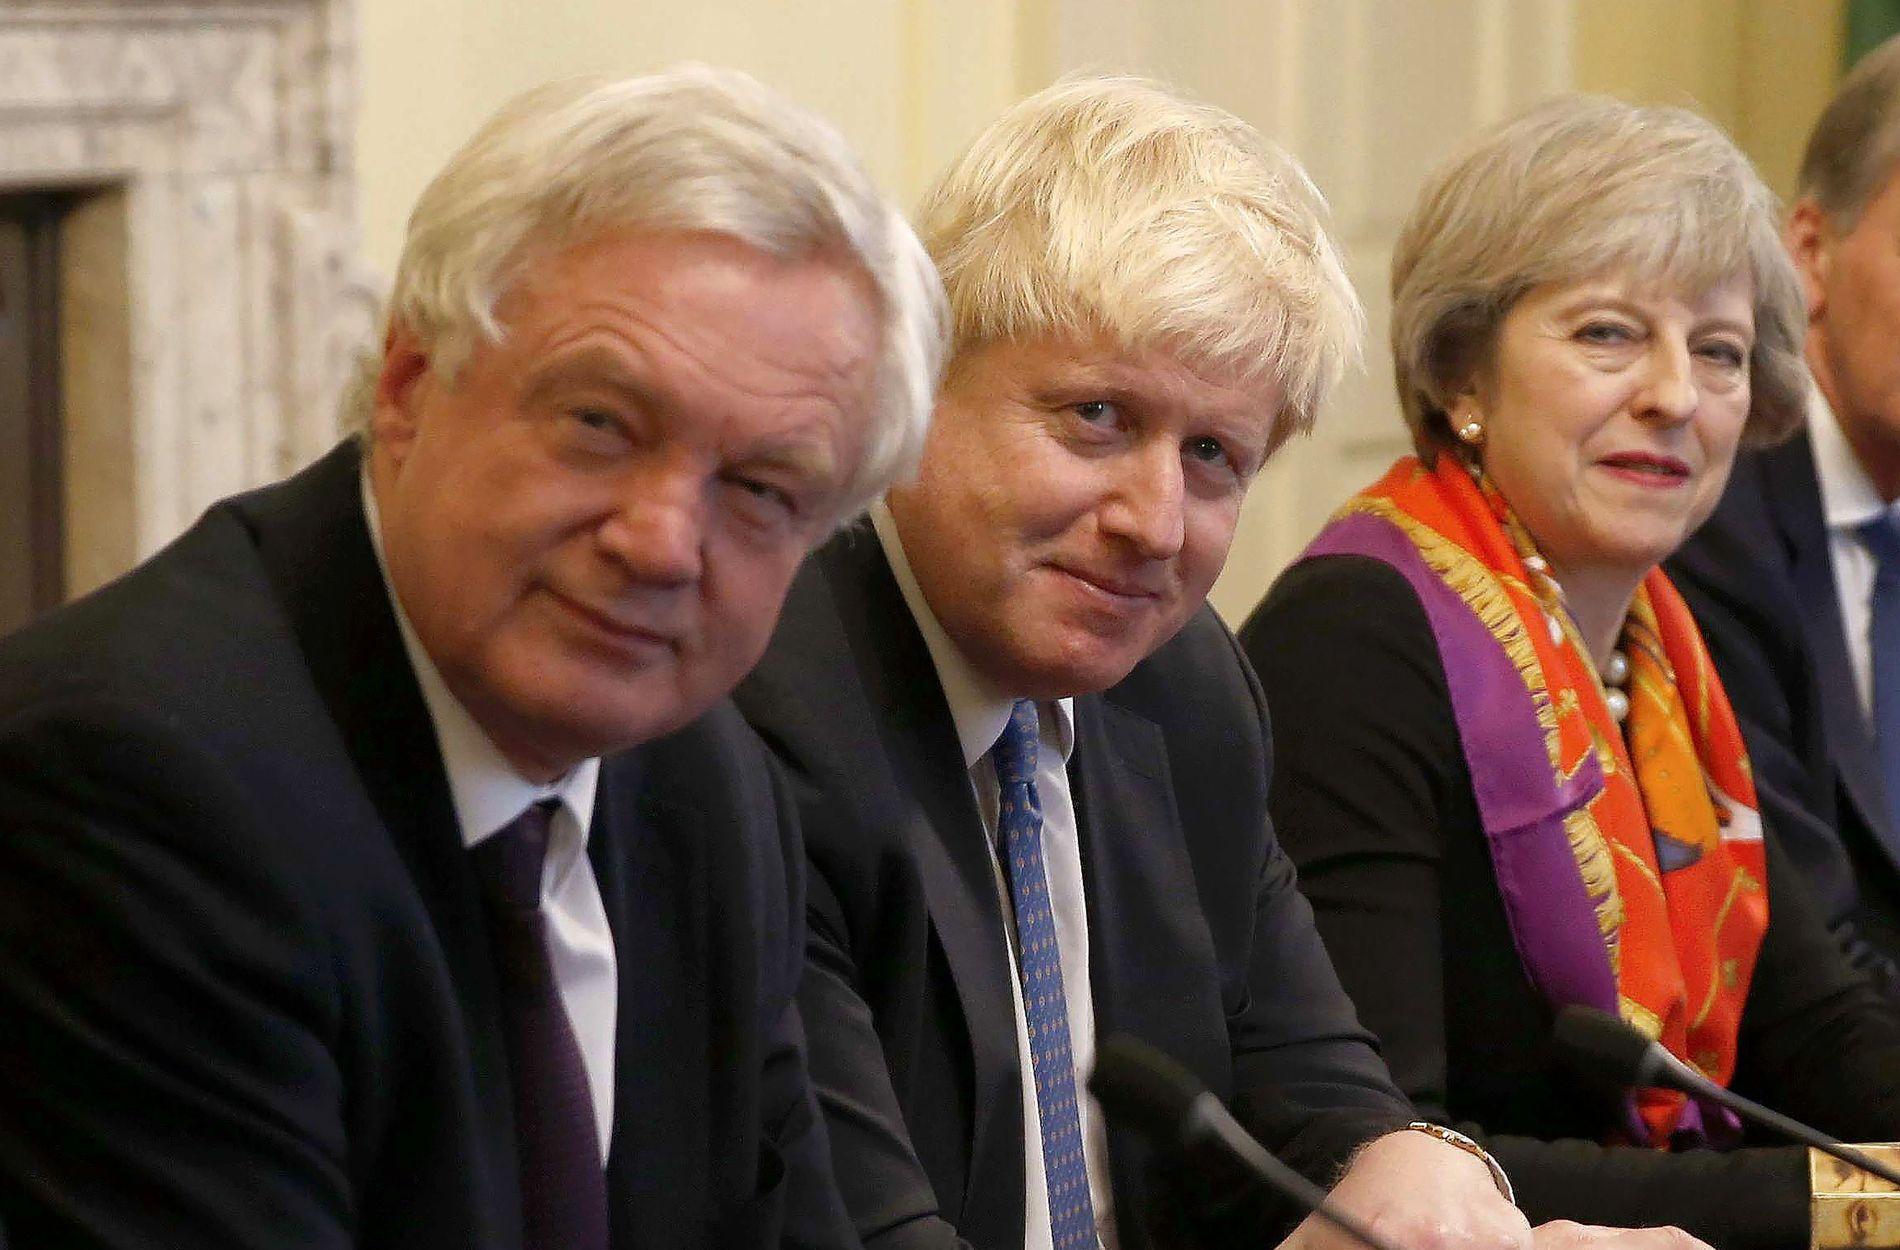 BREXIT-BRÅK: Populariteten til Storbritannias statsminister Theresa May har nådd nye bunnoteringer etter at hun la frem regjeringens plan for brexit. Her avbildet sammen med tidligere utenriksminister Boris Johnson og tidligere brexit-minister David Davis.